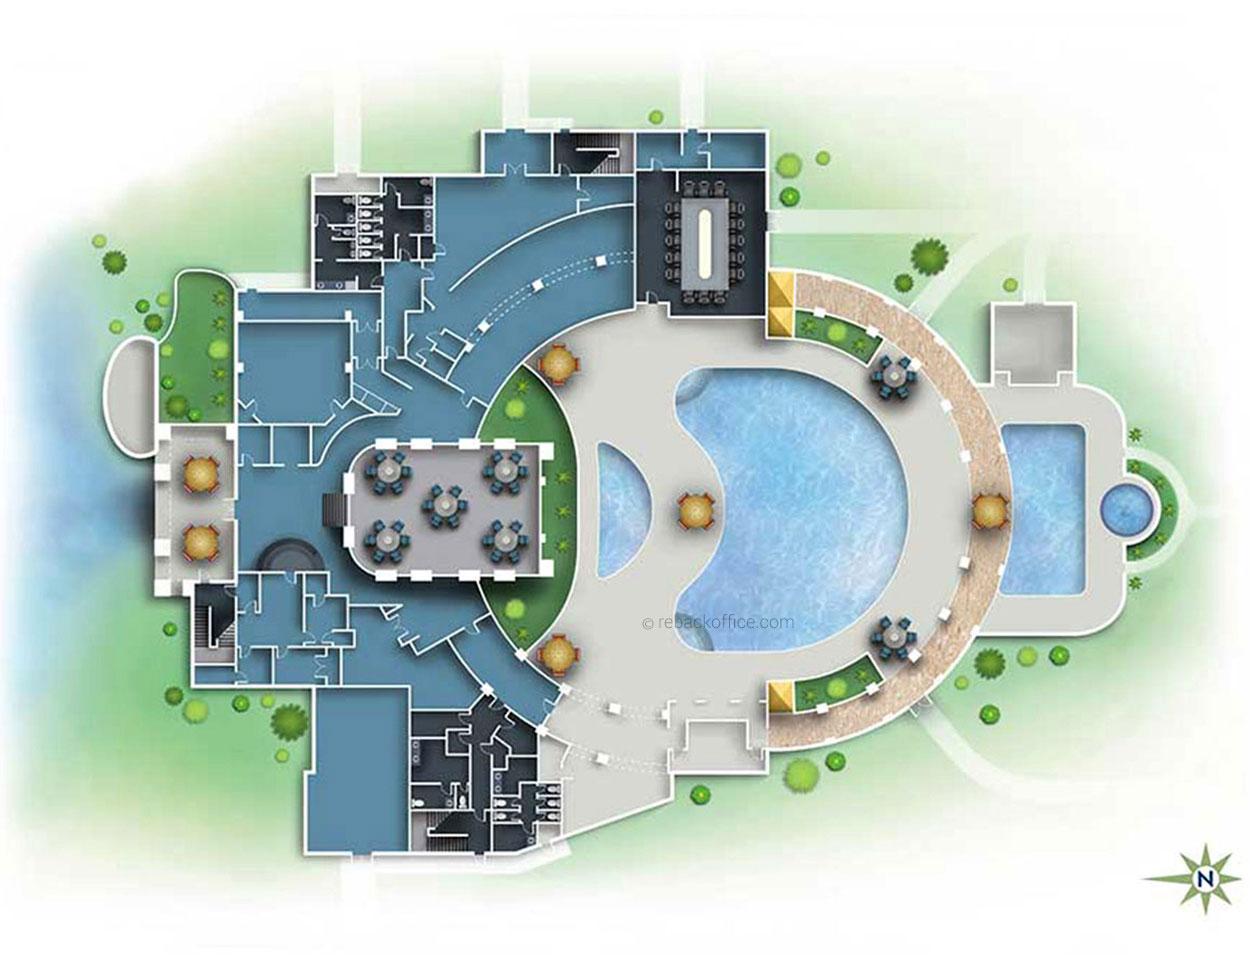 2D_Floor_Plan_Color.jpg